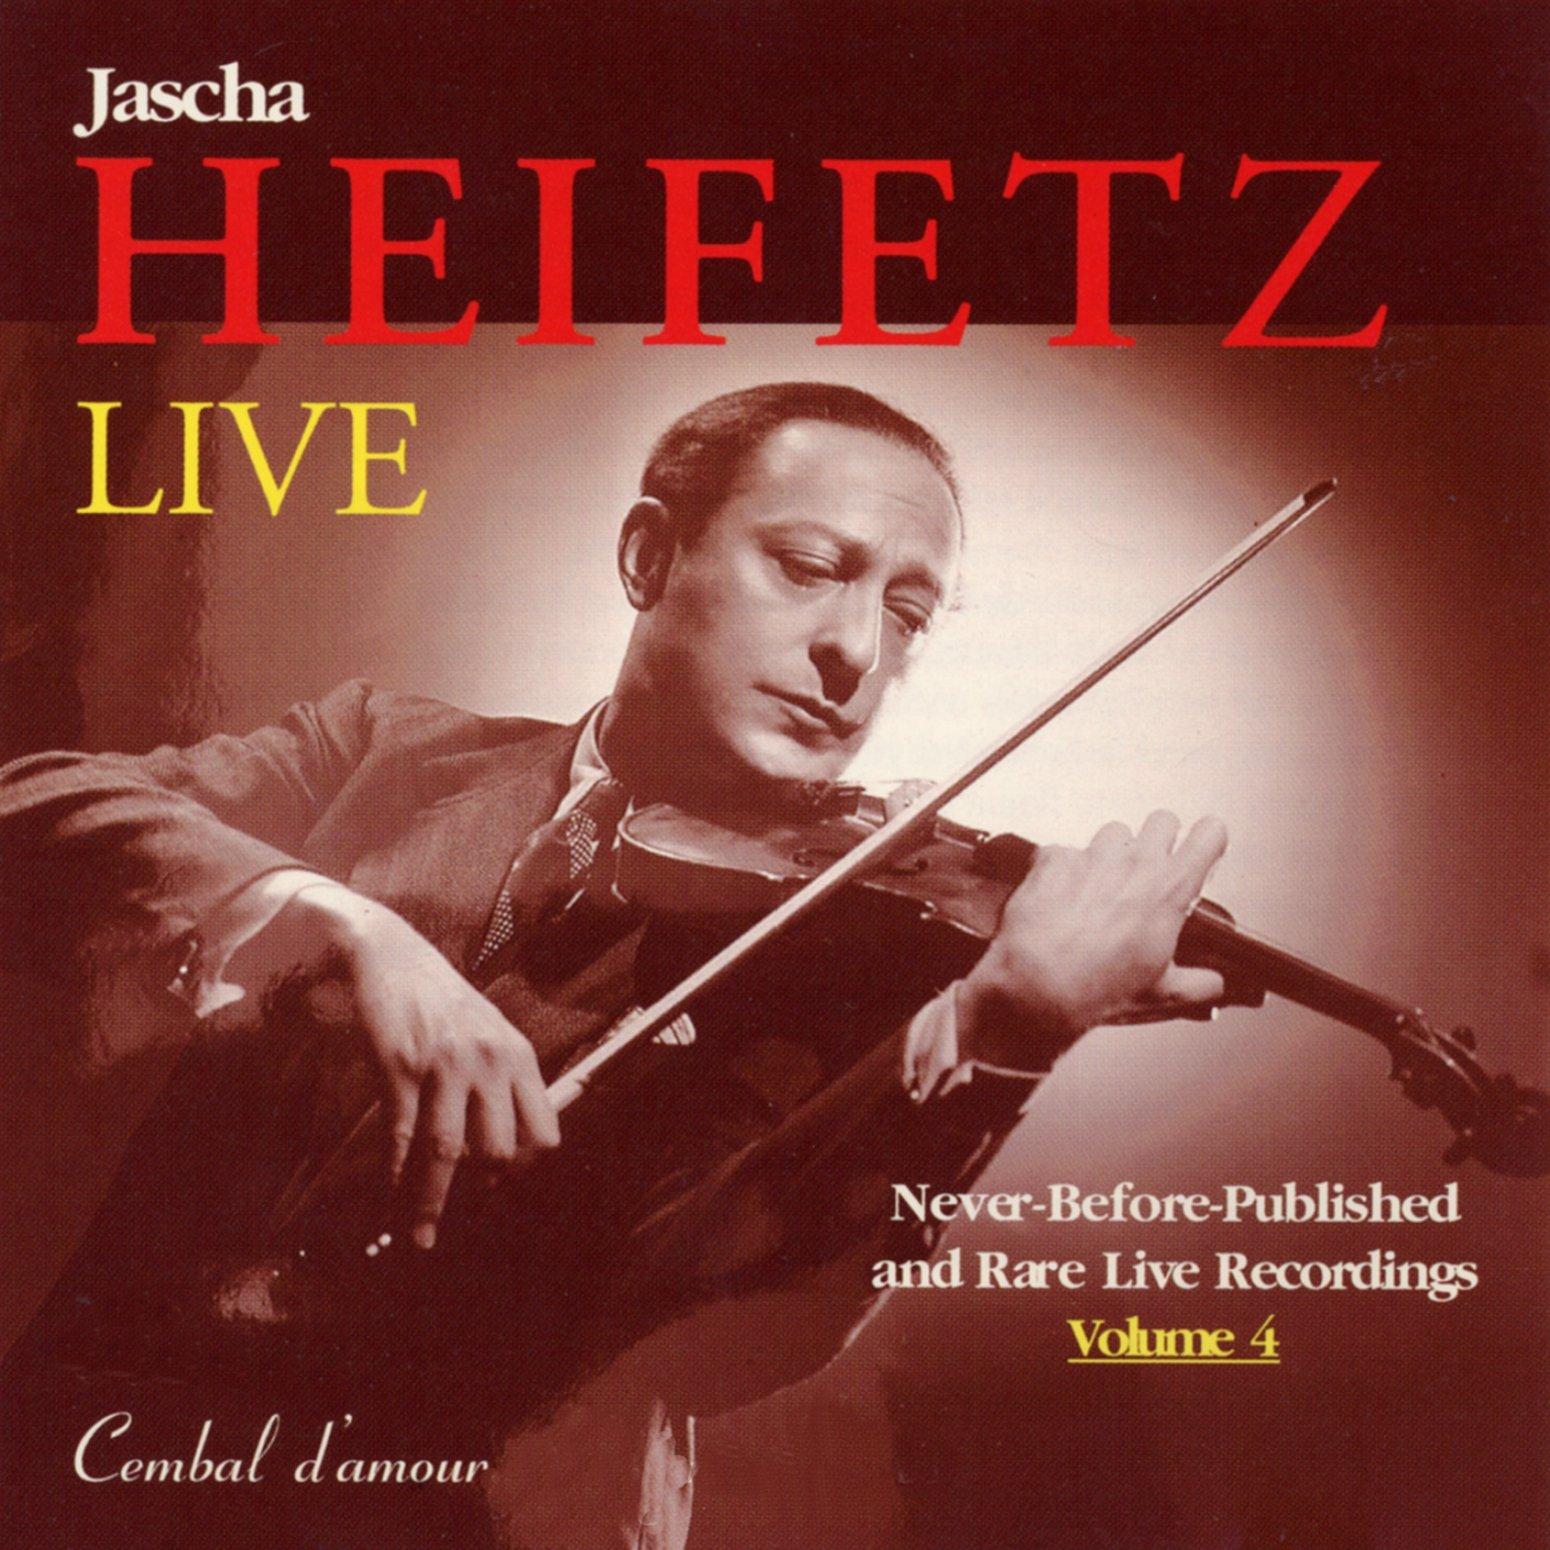 Jascha Heifetz Live, Vol. 4